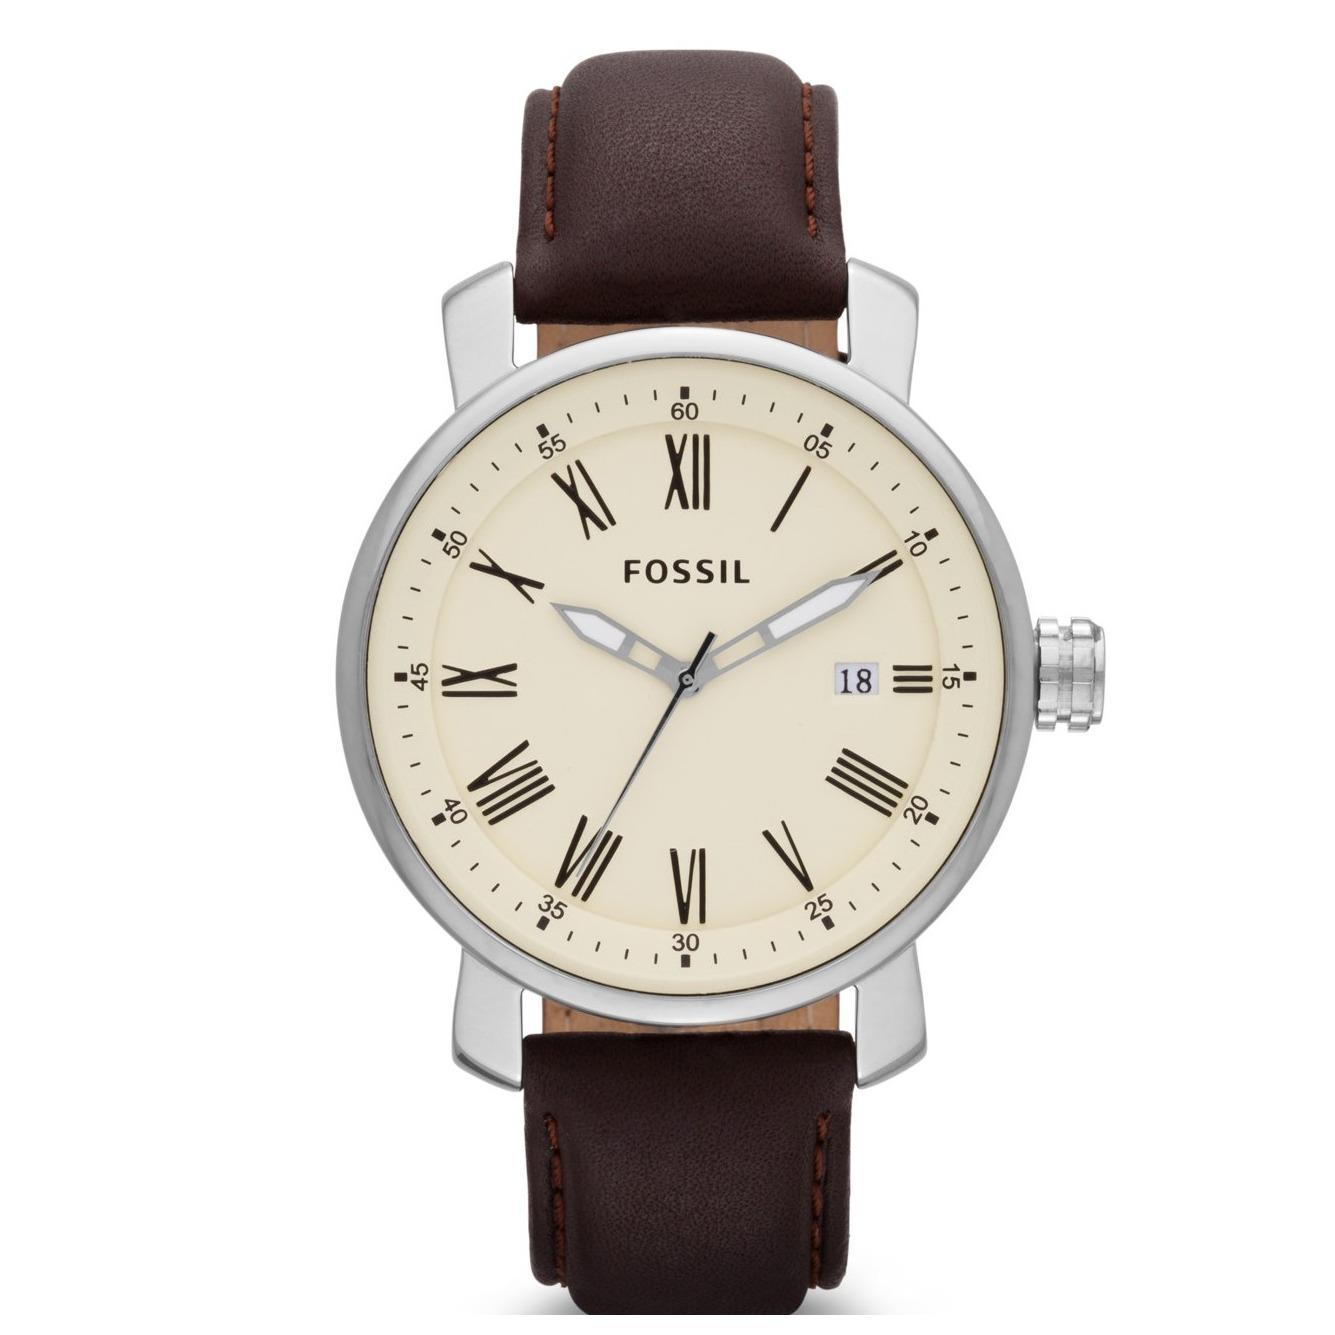 Beli Fossil Rhett Three Hand Leather Watch Dark Brown Bq 1016 Di Dki Jakarta